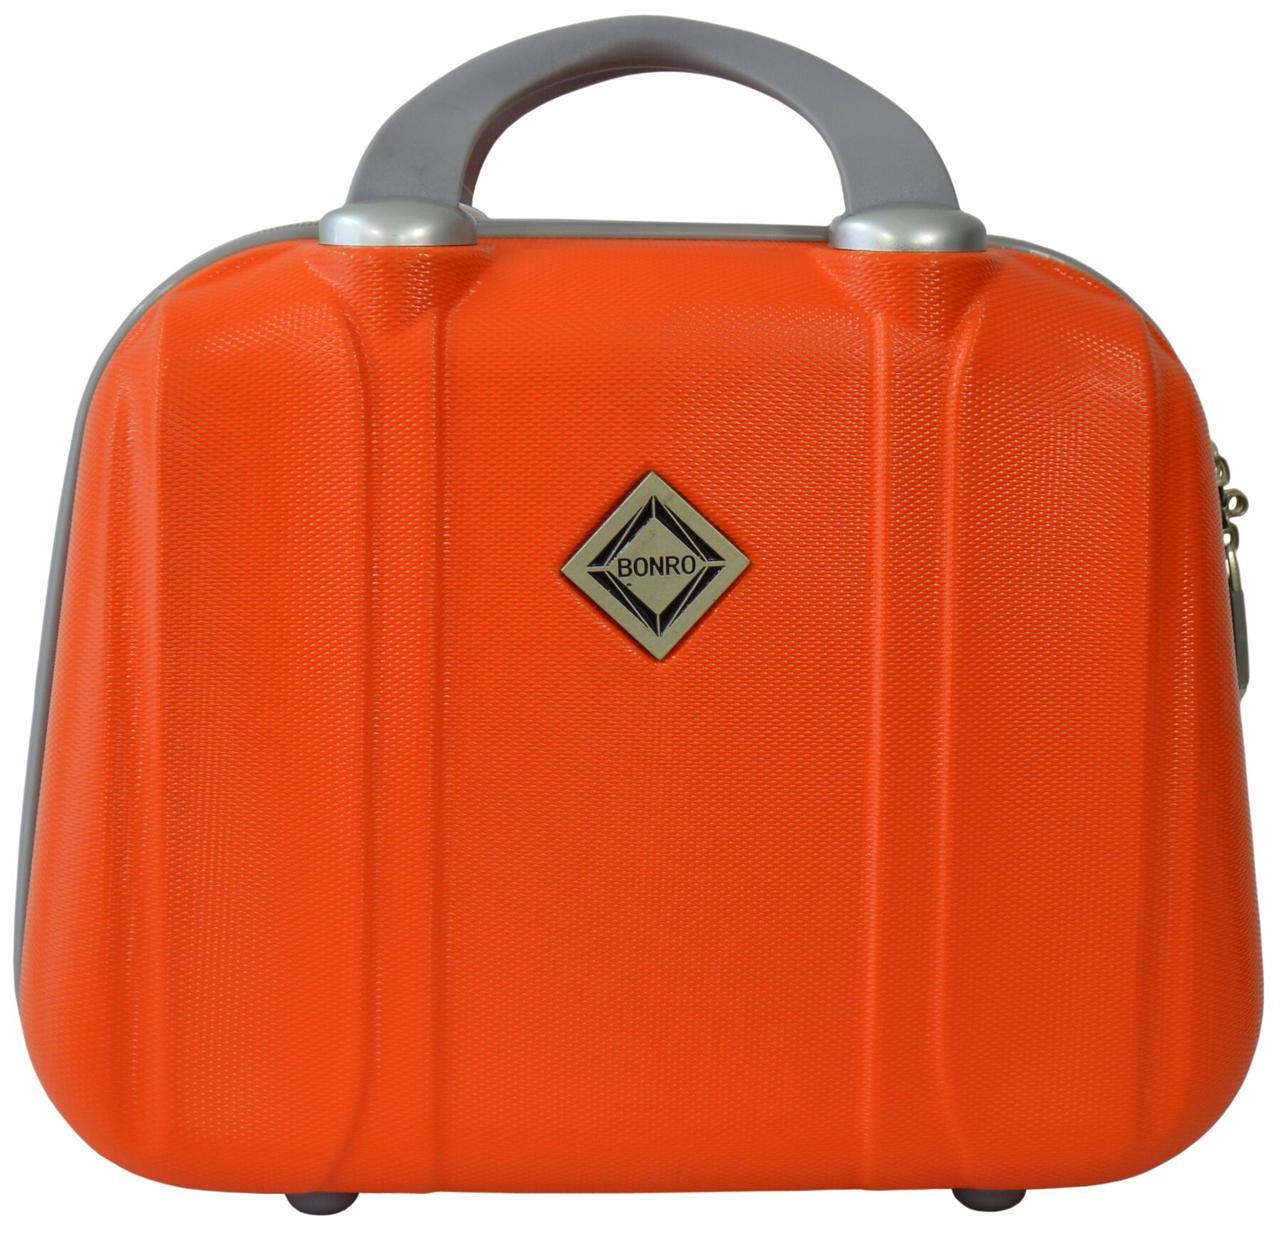 Кейс дорожный Bonro Smile большой оранжевый (10091613)